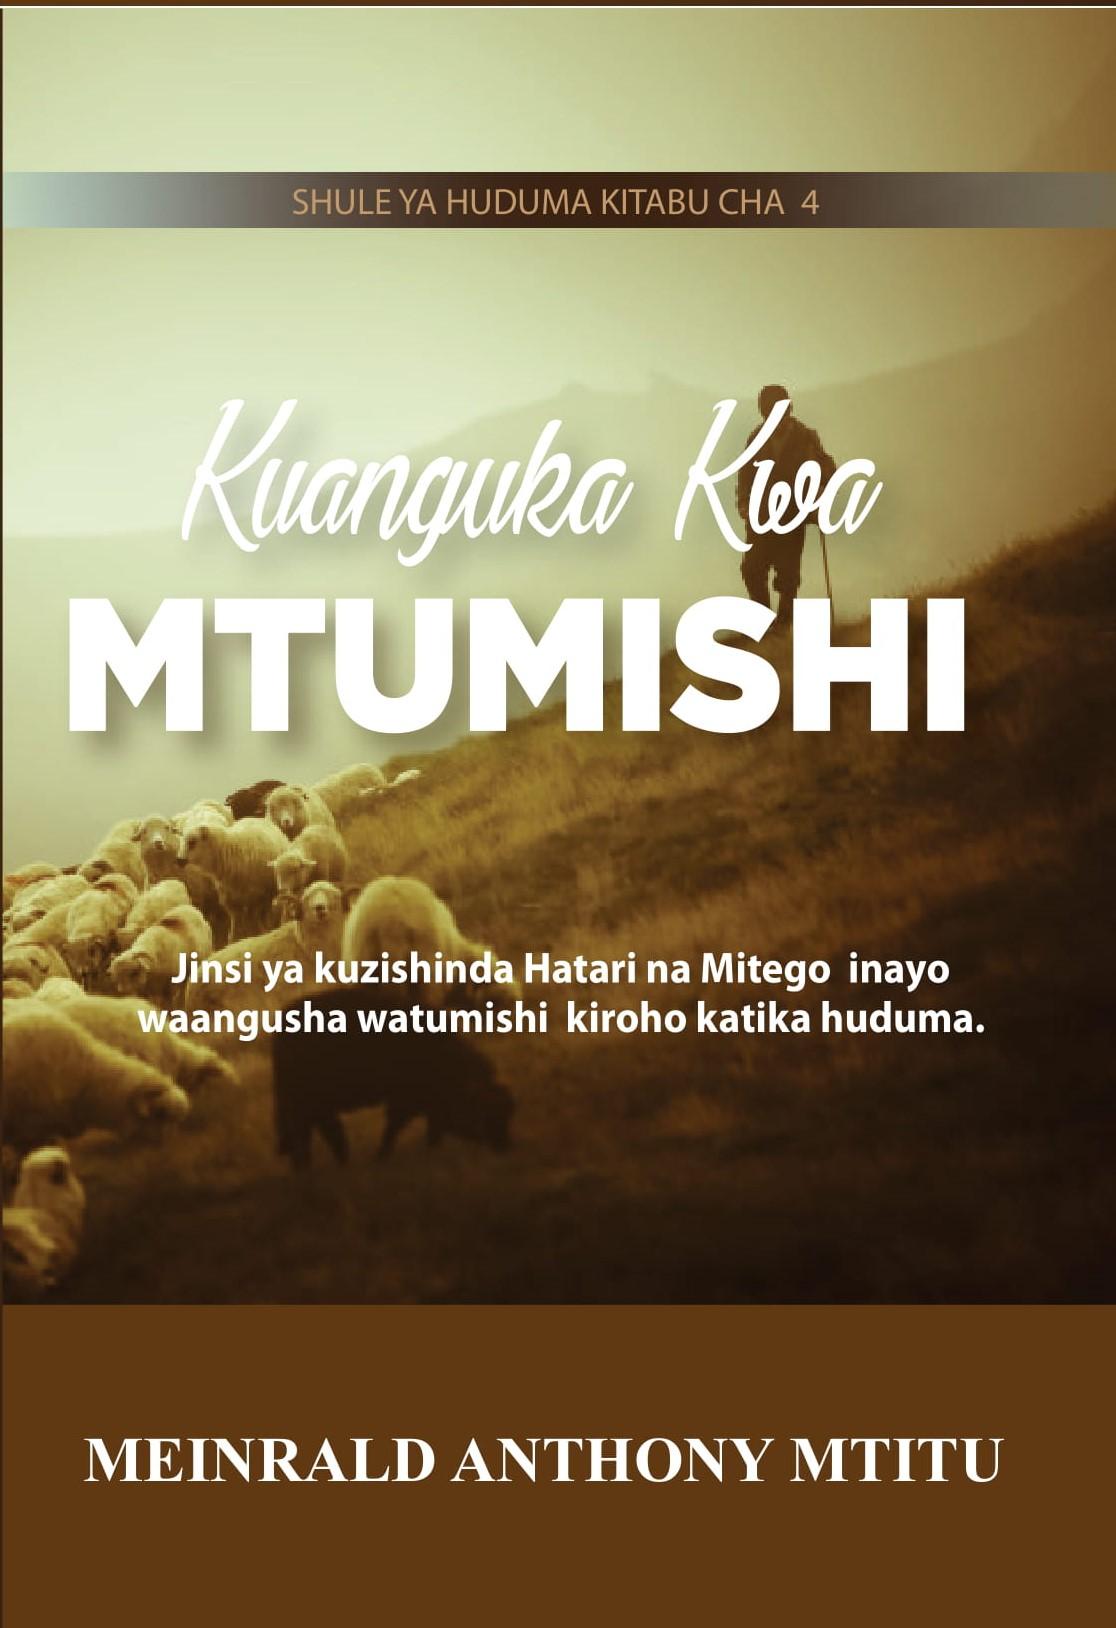 KUANGUKA KWA MTUMISHI